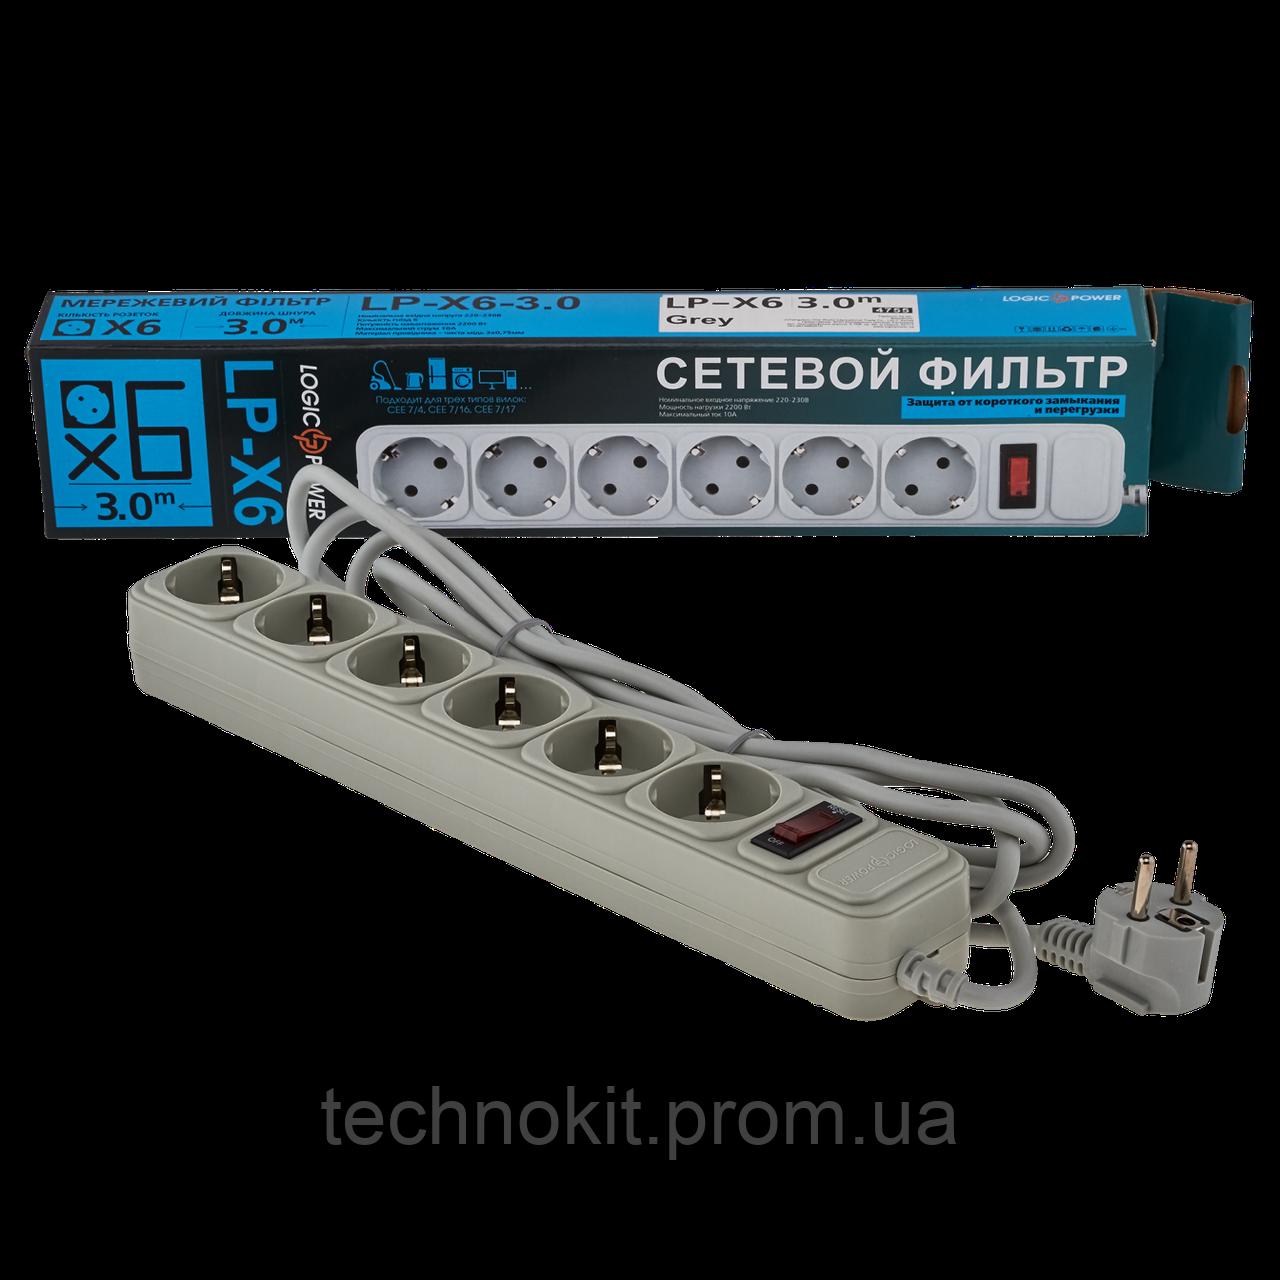 Сетевой фильтр LogicPower 6 розеток 3,0 м серый (LP-X6)